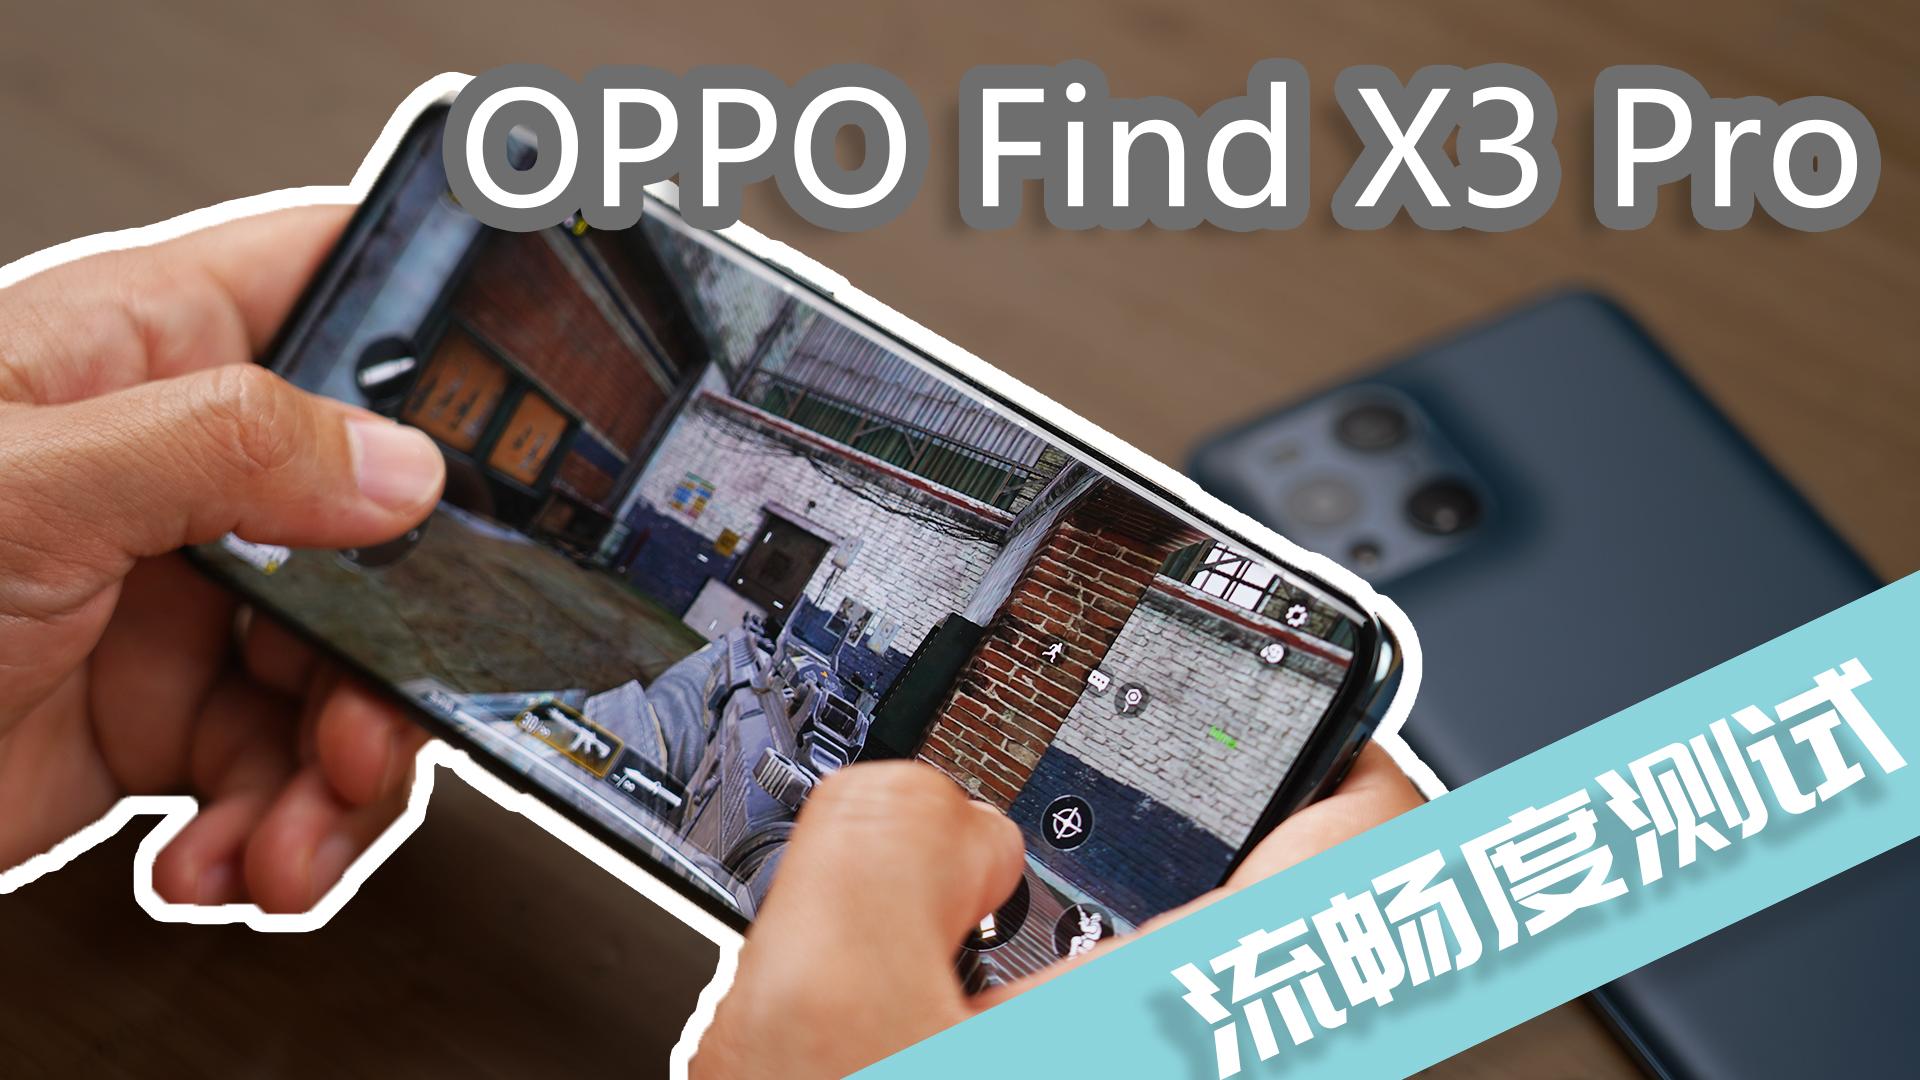 旗舰=流畅?手持Find X3 Pro聊聊关于安卓流畅度那些事